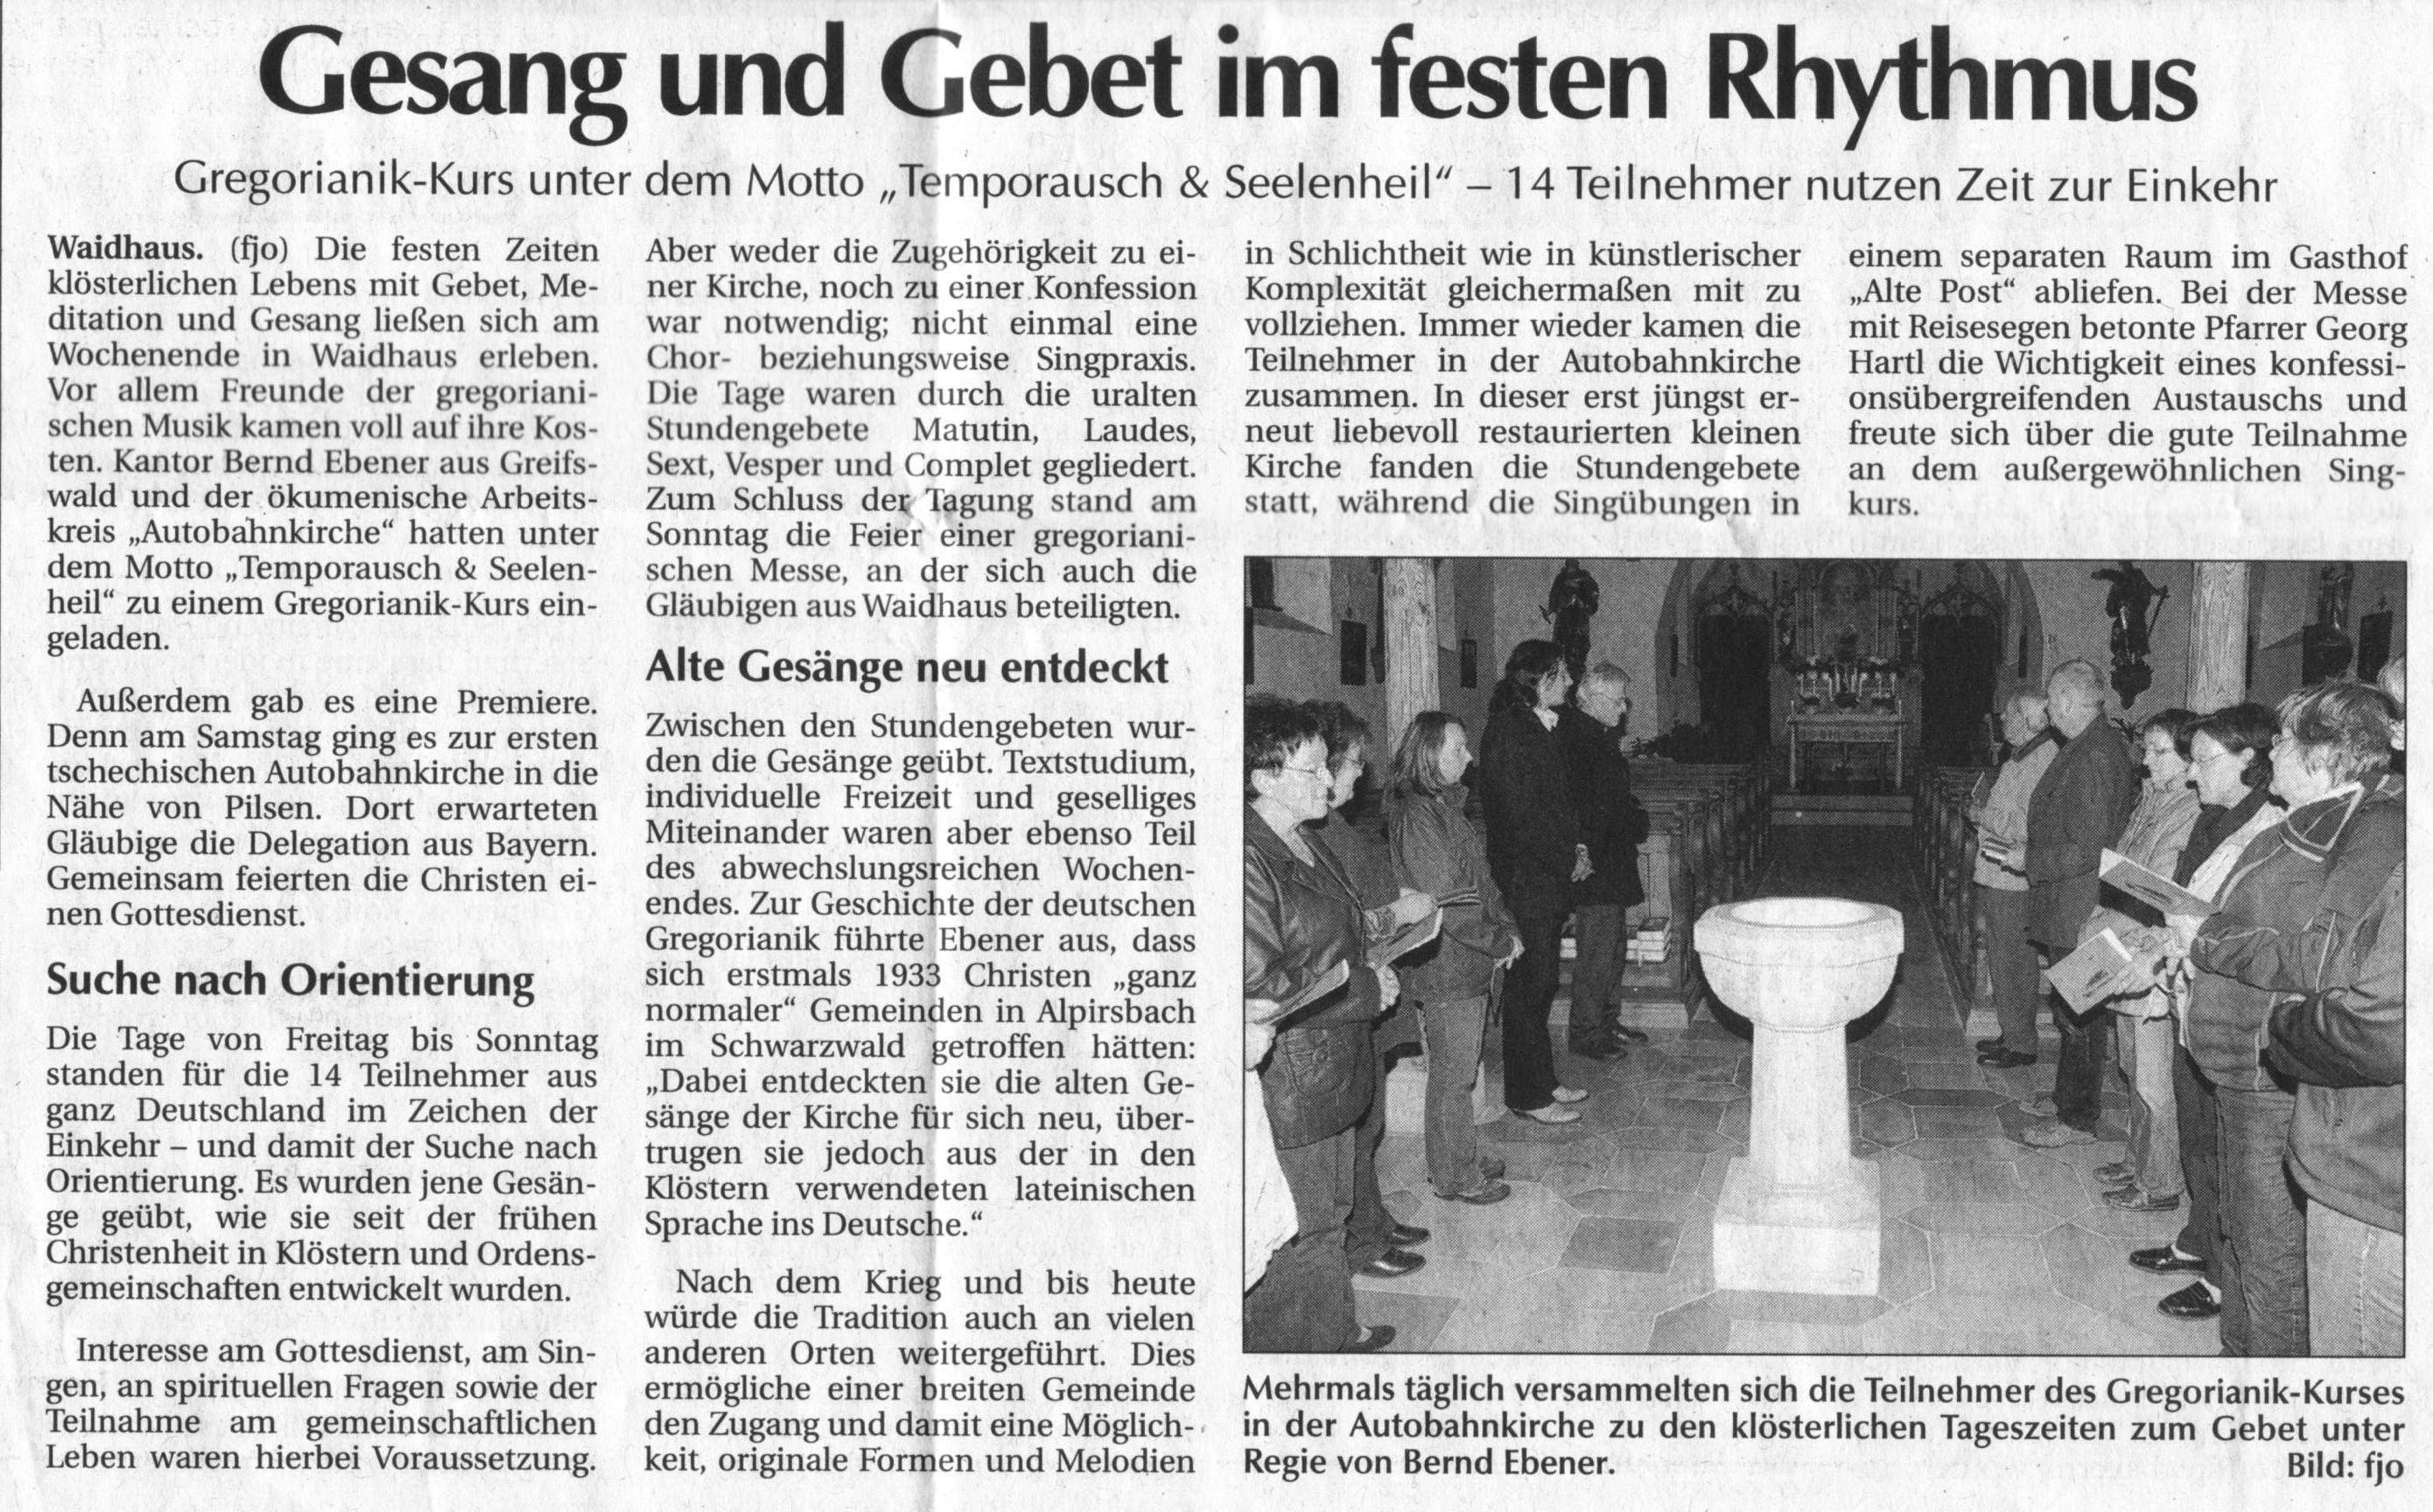 waidhaus-2011-05-17-pressebericht